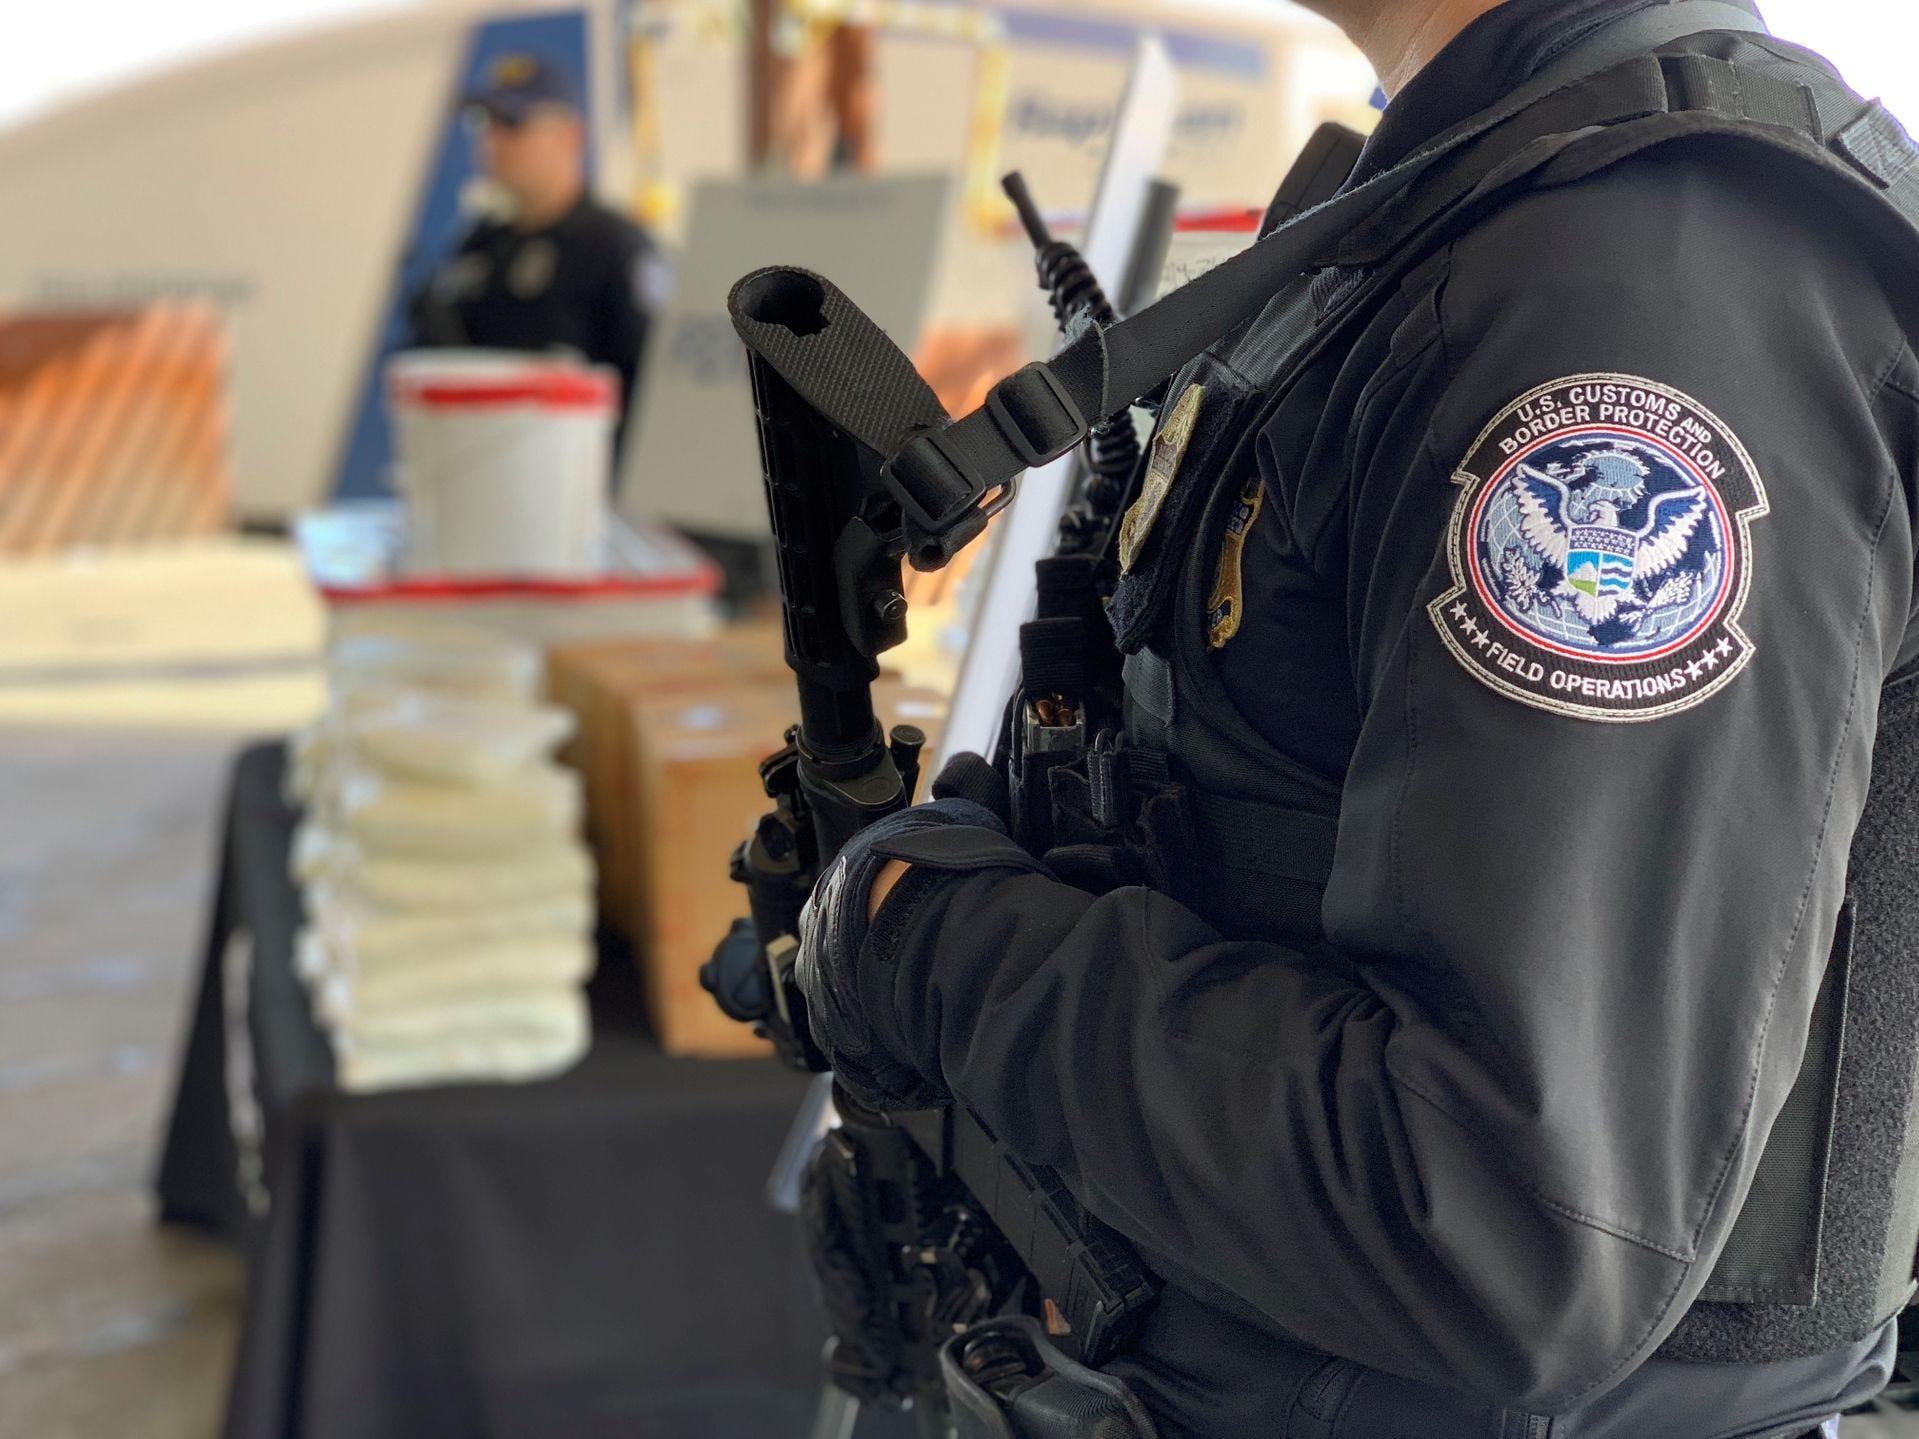 El contrabando de ambos opiáceos ha aumentado en los últimos años a través de los puertos de entrada a lo largo de la frontera entre Estados Unidos y México, según muestran las estadísticas de Aduanas y Protección Fronteriza sobre incautaciones de drogas.